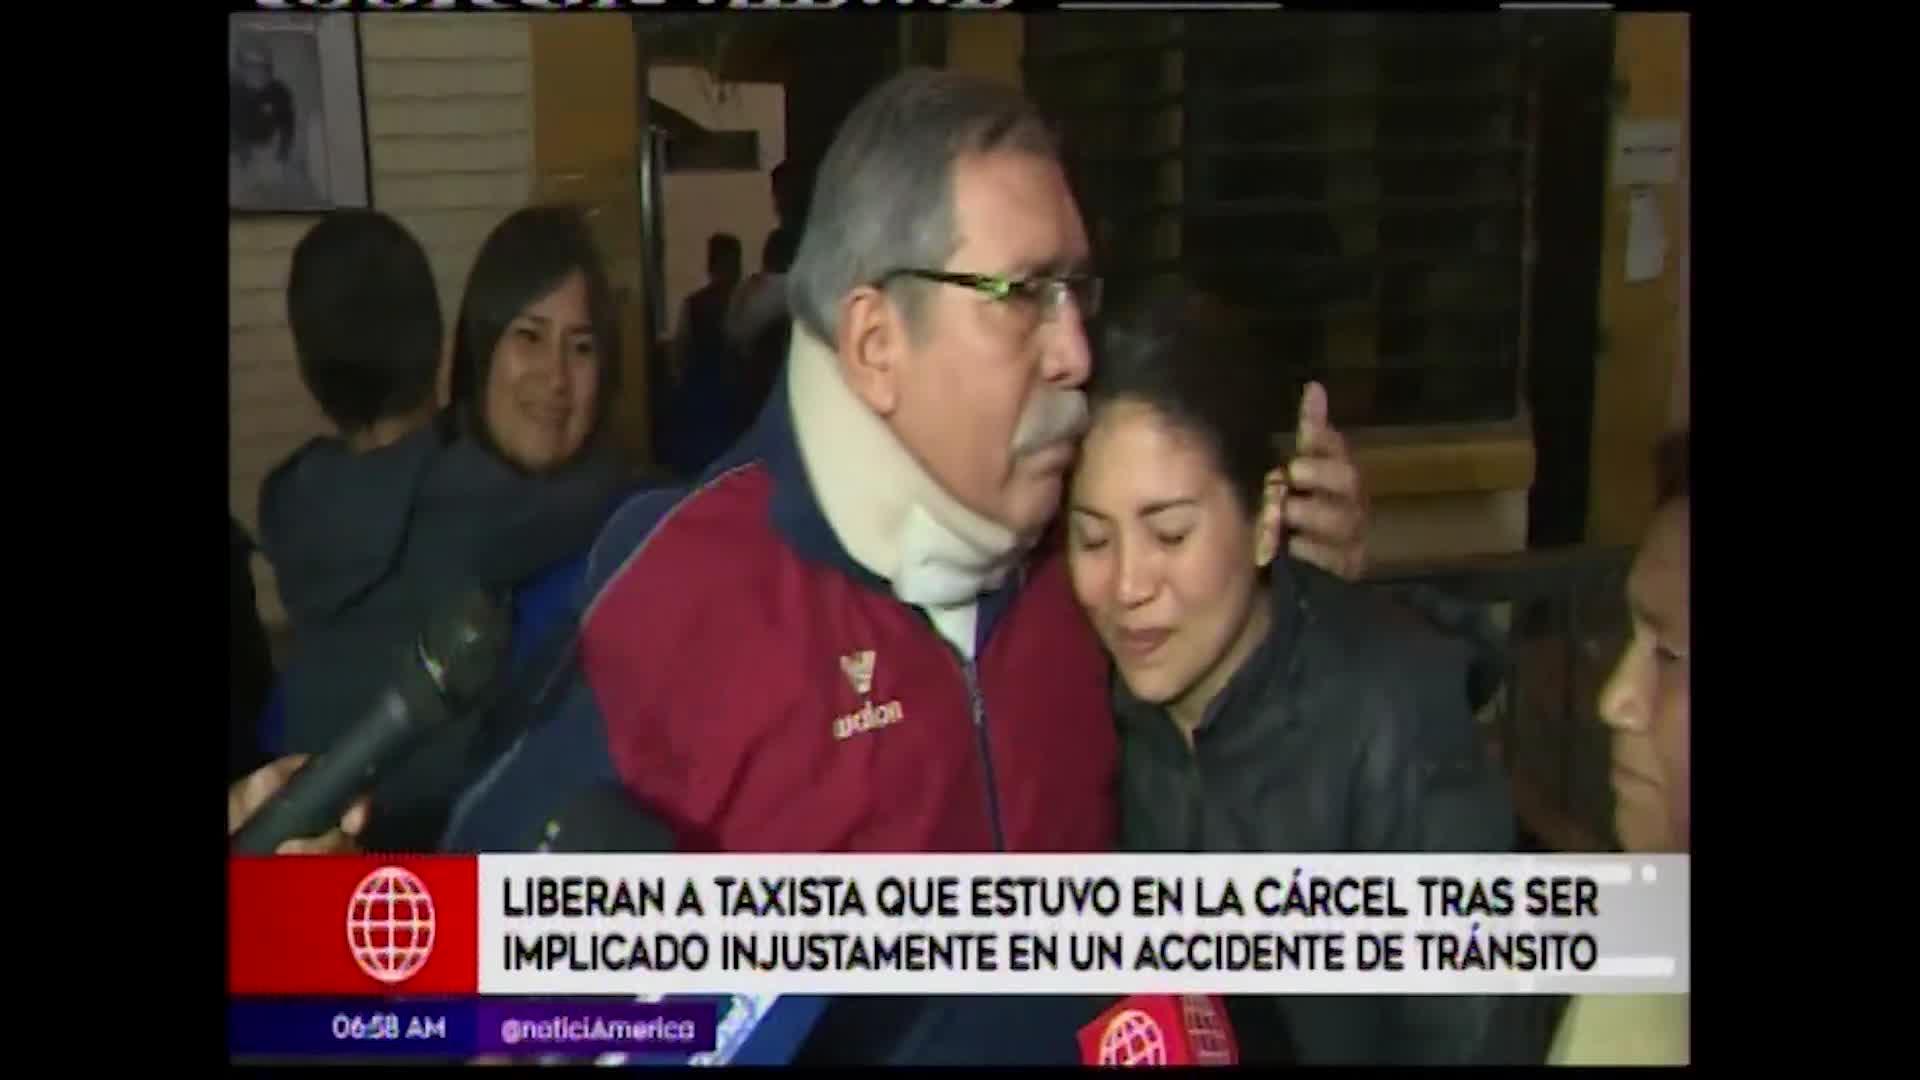 Liberan a taxista que terminó en prisión por accidente que no provocó